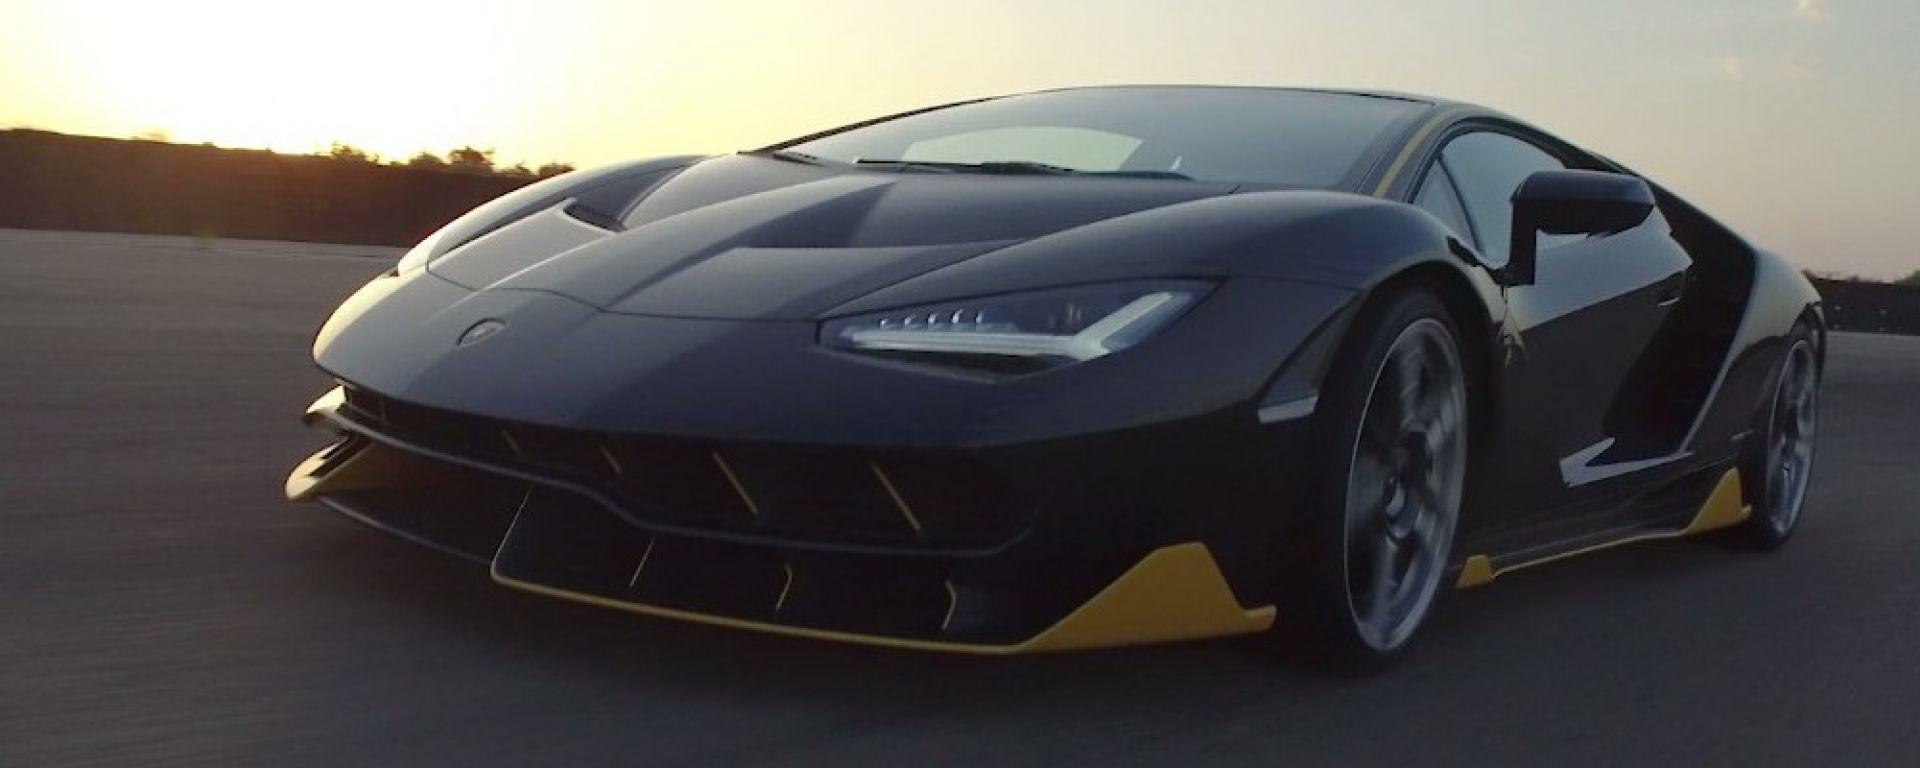 Lamborghini Centenario a Nardò: il video in circuito